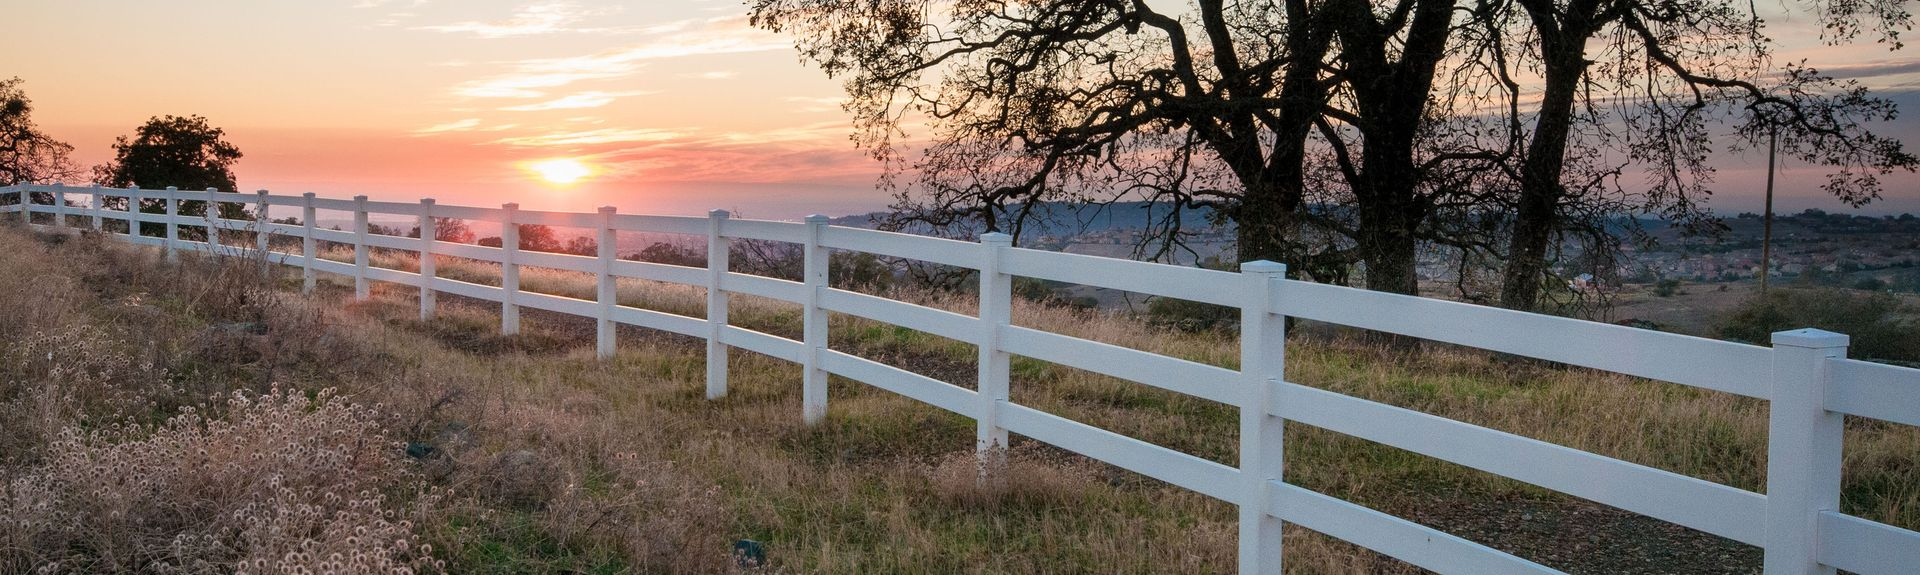 El Dorado Hills, California, United States of America